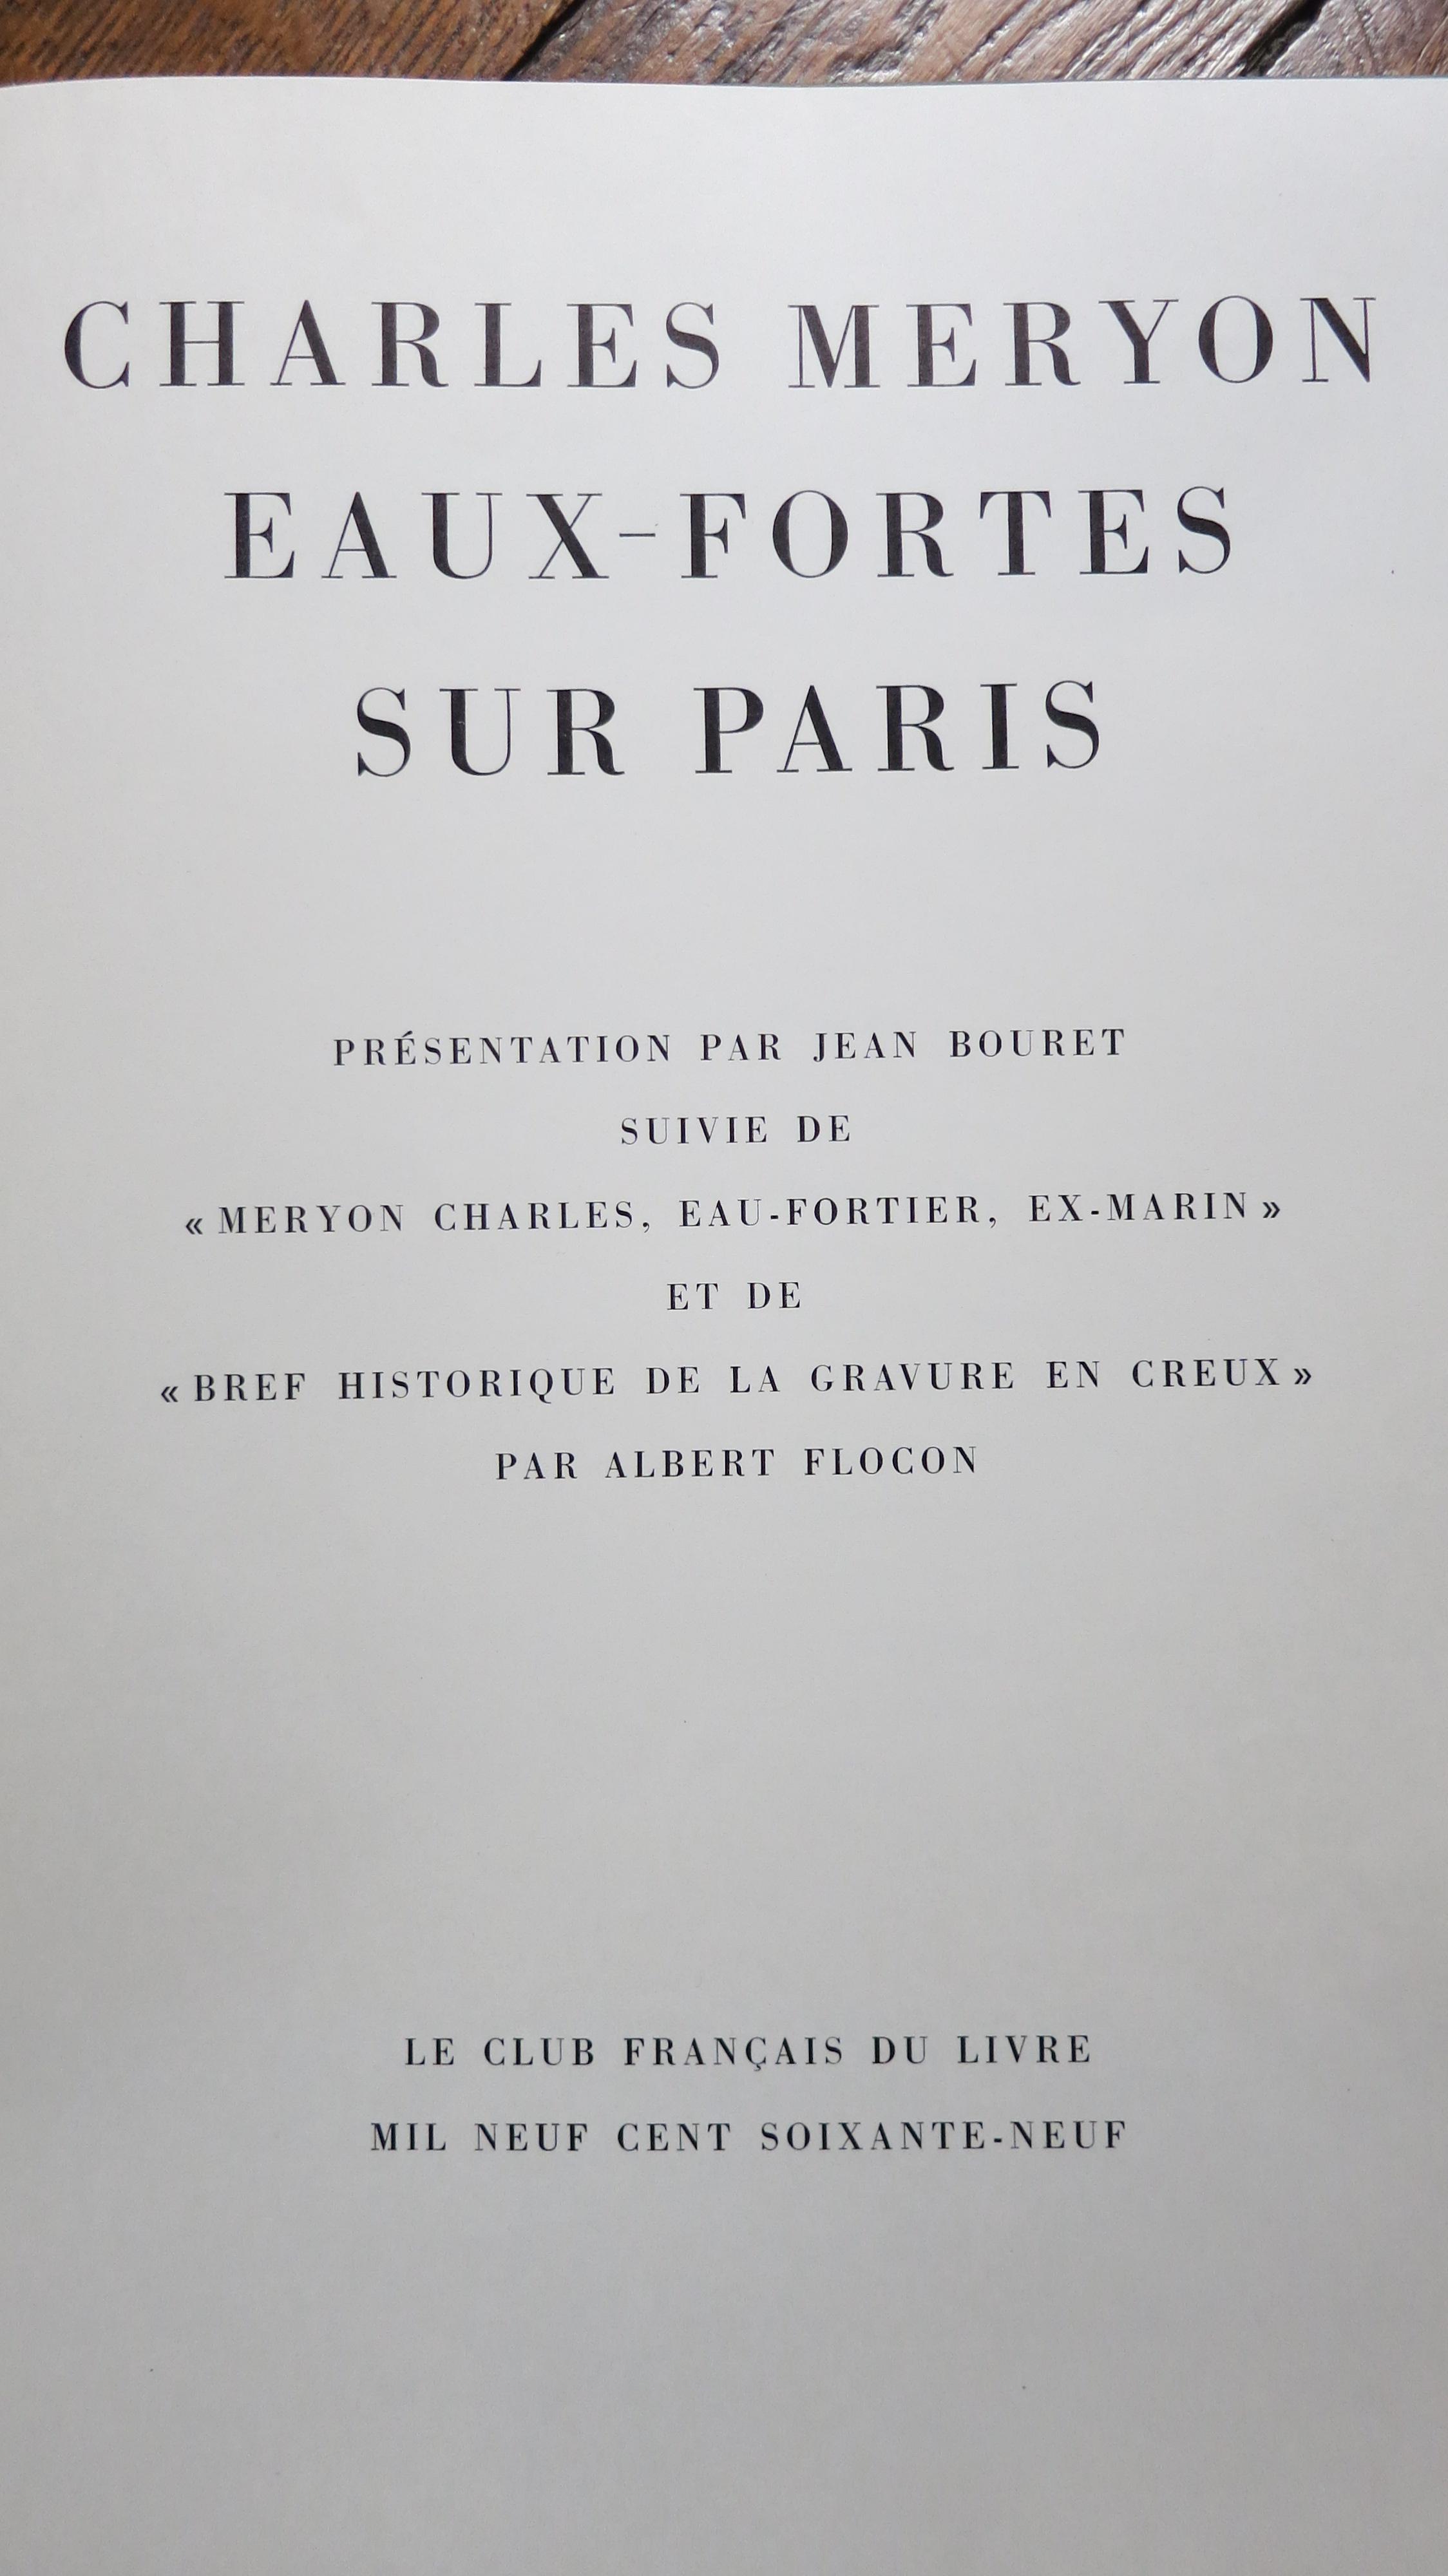 Charles Meryon Eaux fortes sur Paris